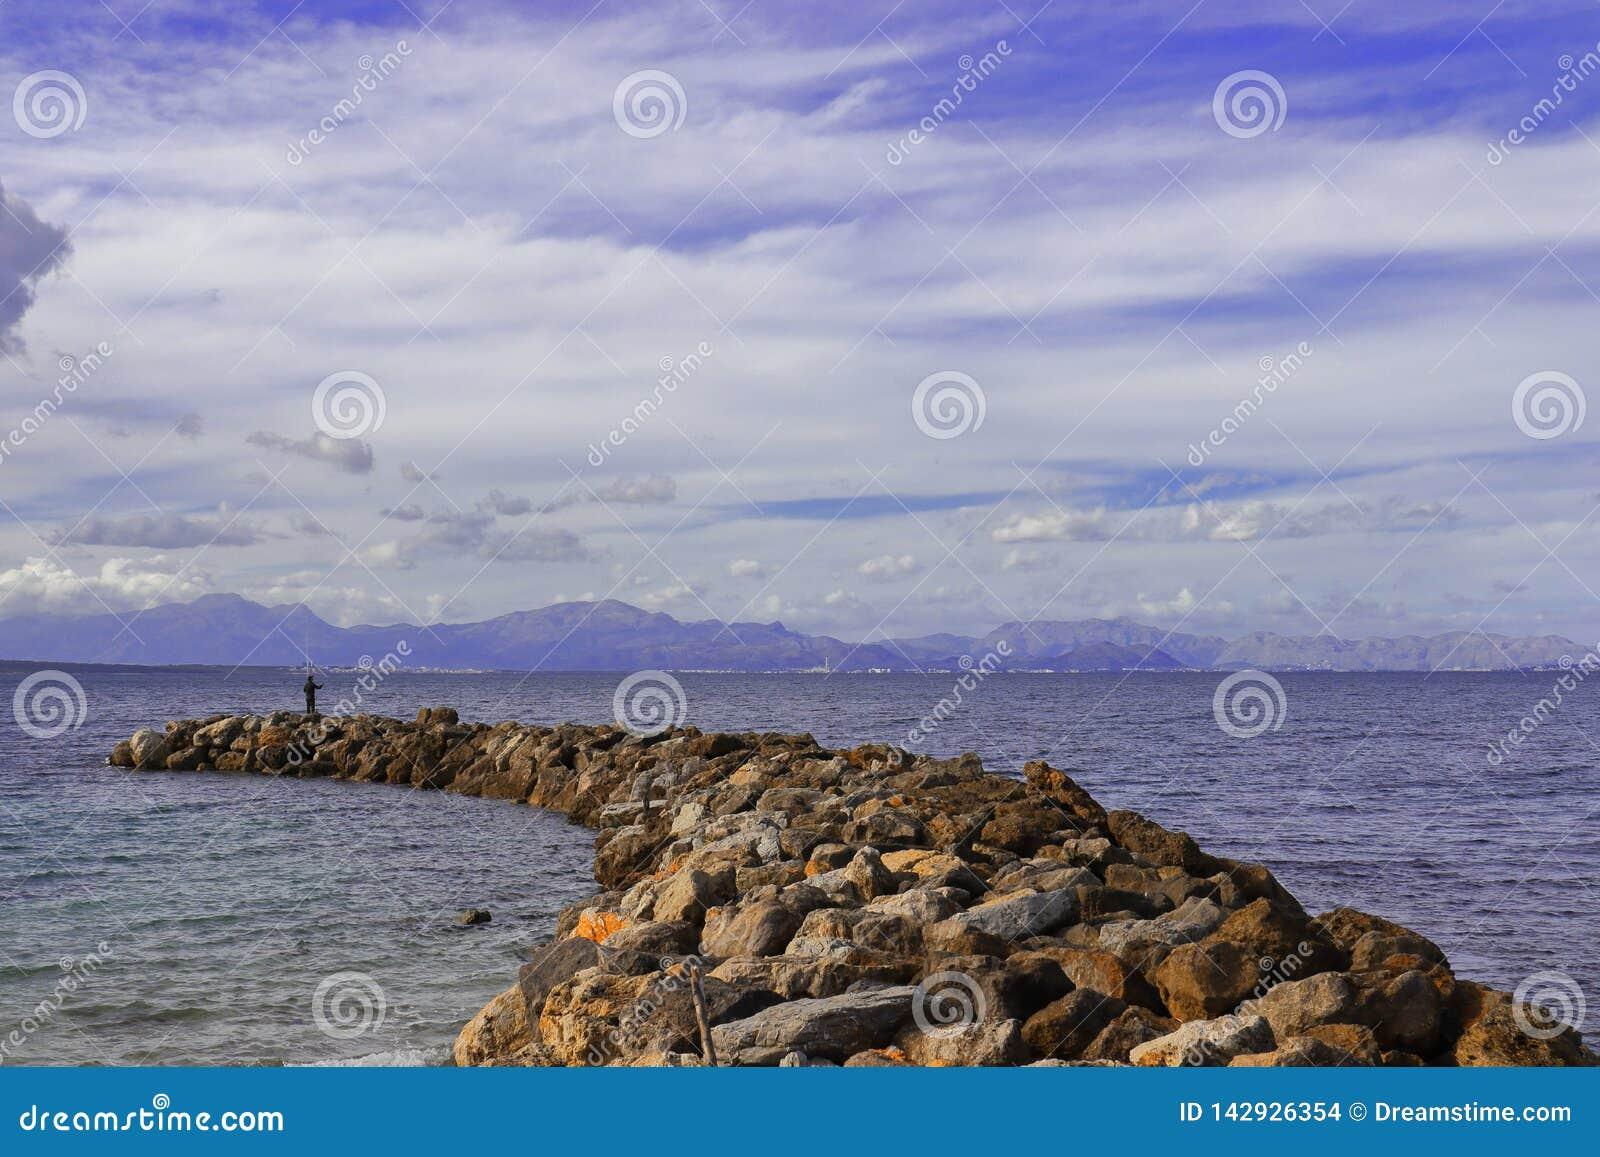 Pier/pijler van rotsen met mens visserij en bergachtergrond, Middellandse Zee, Mallorca, Spanje